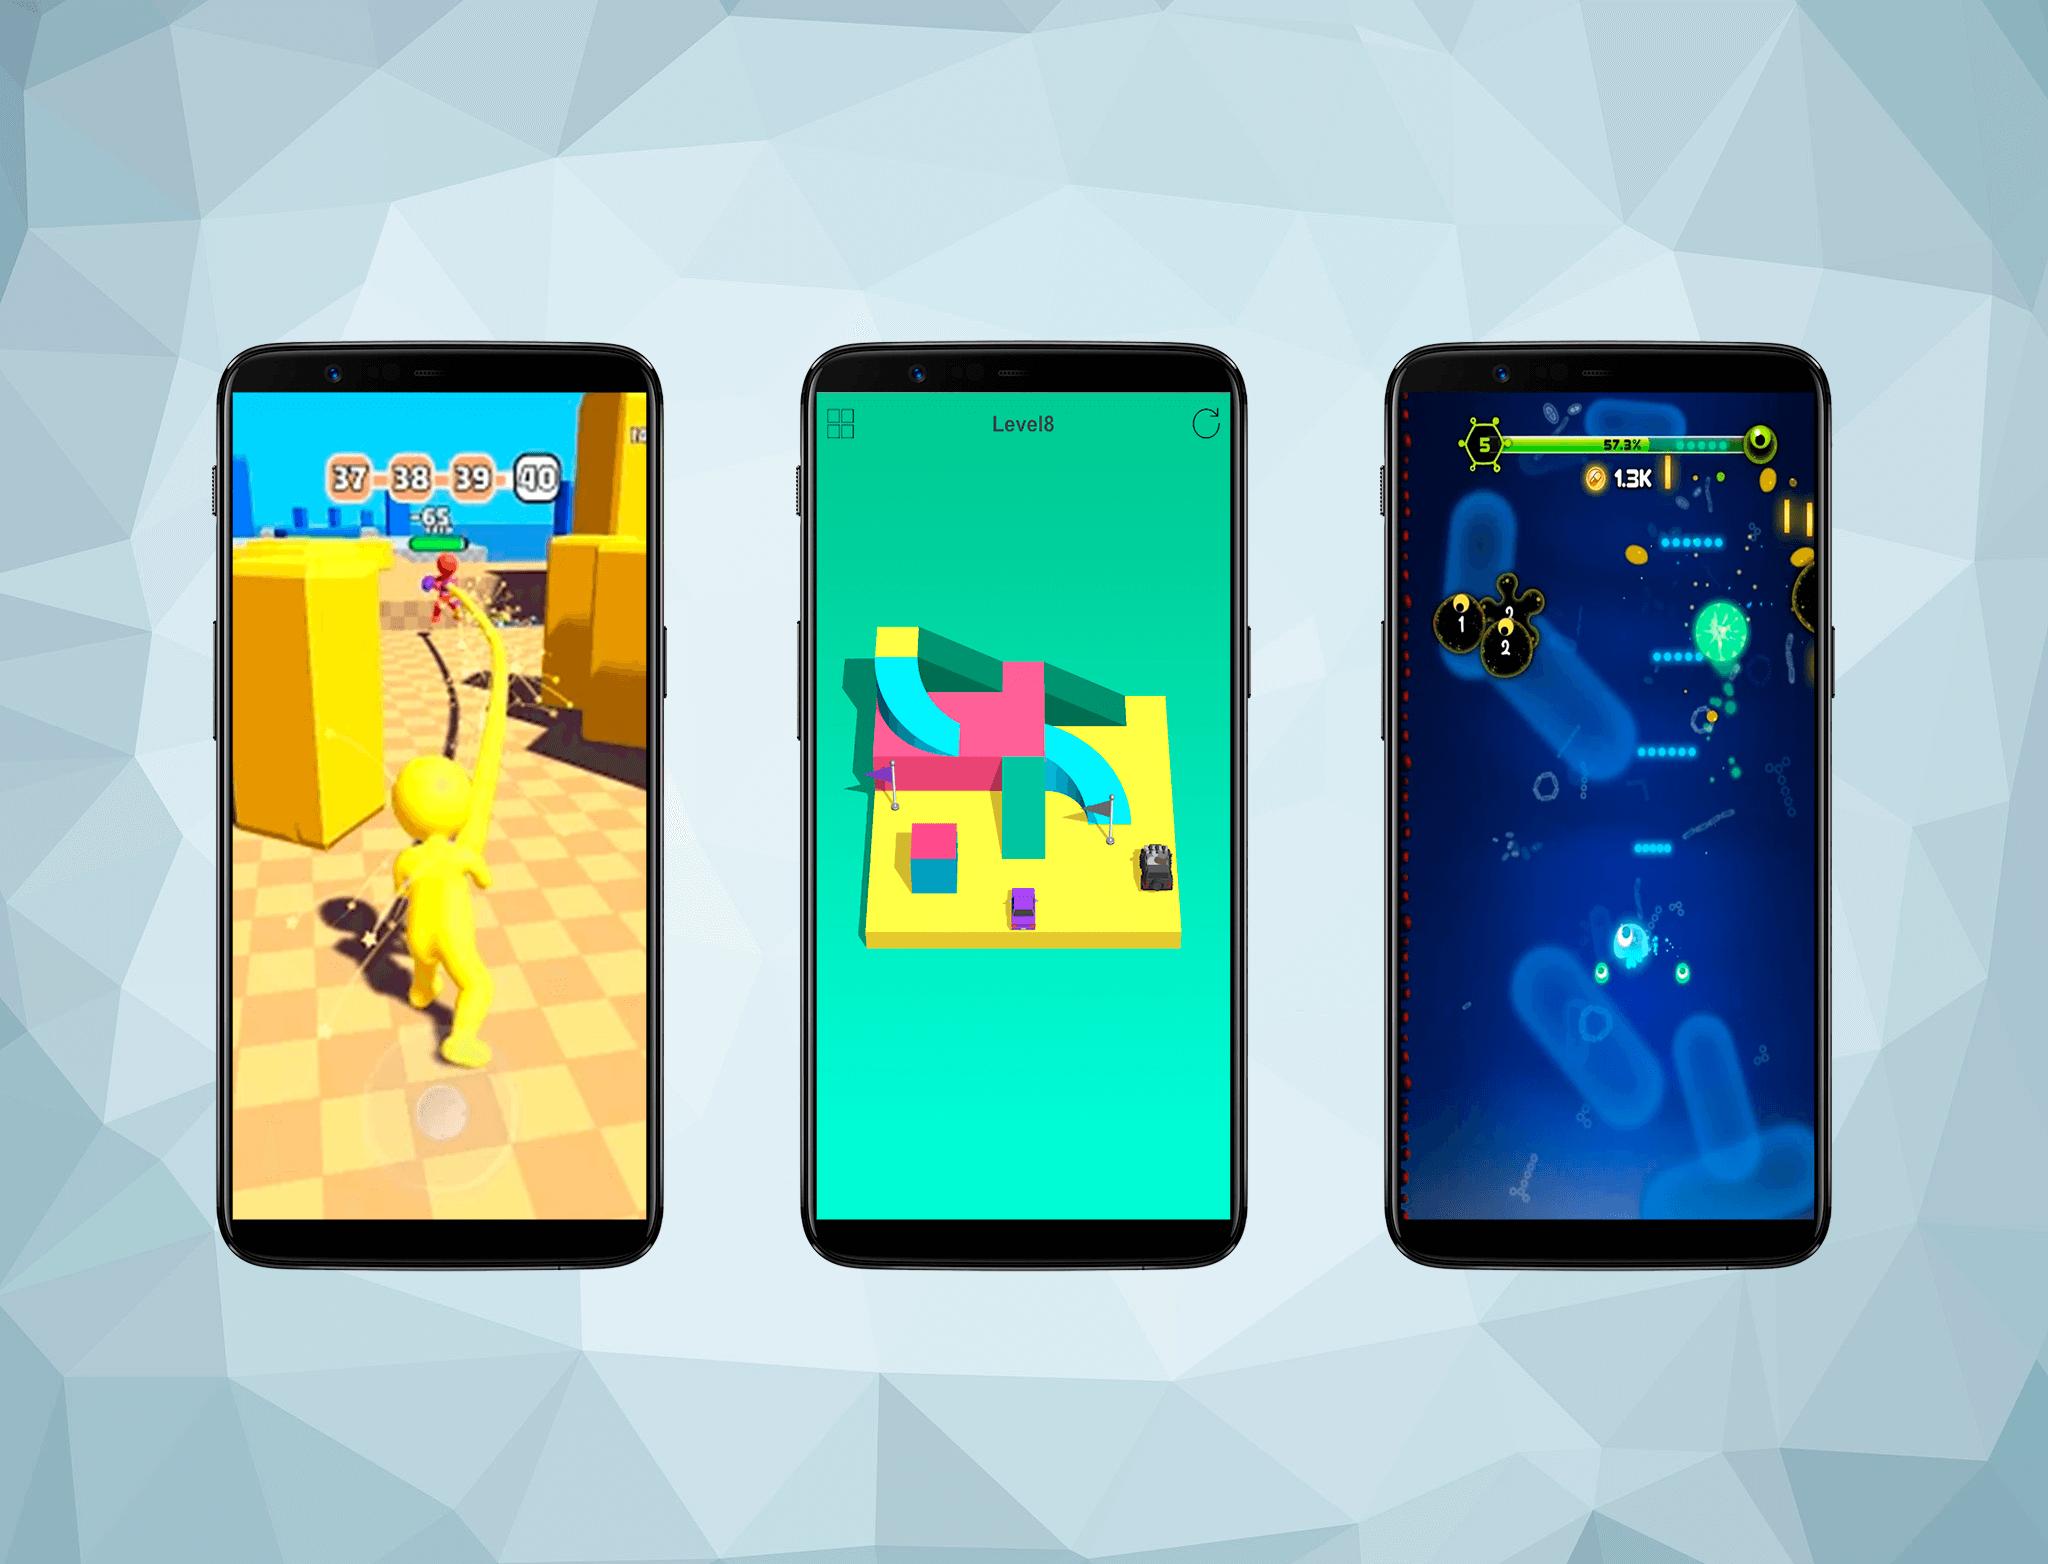 ¡Imperdible! Nueve juegos gratuitos para Android recién lanzados en Google Play